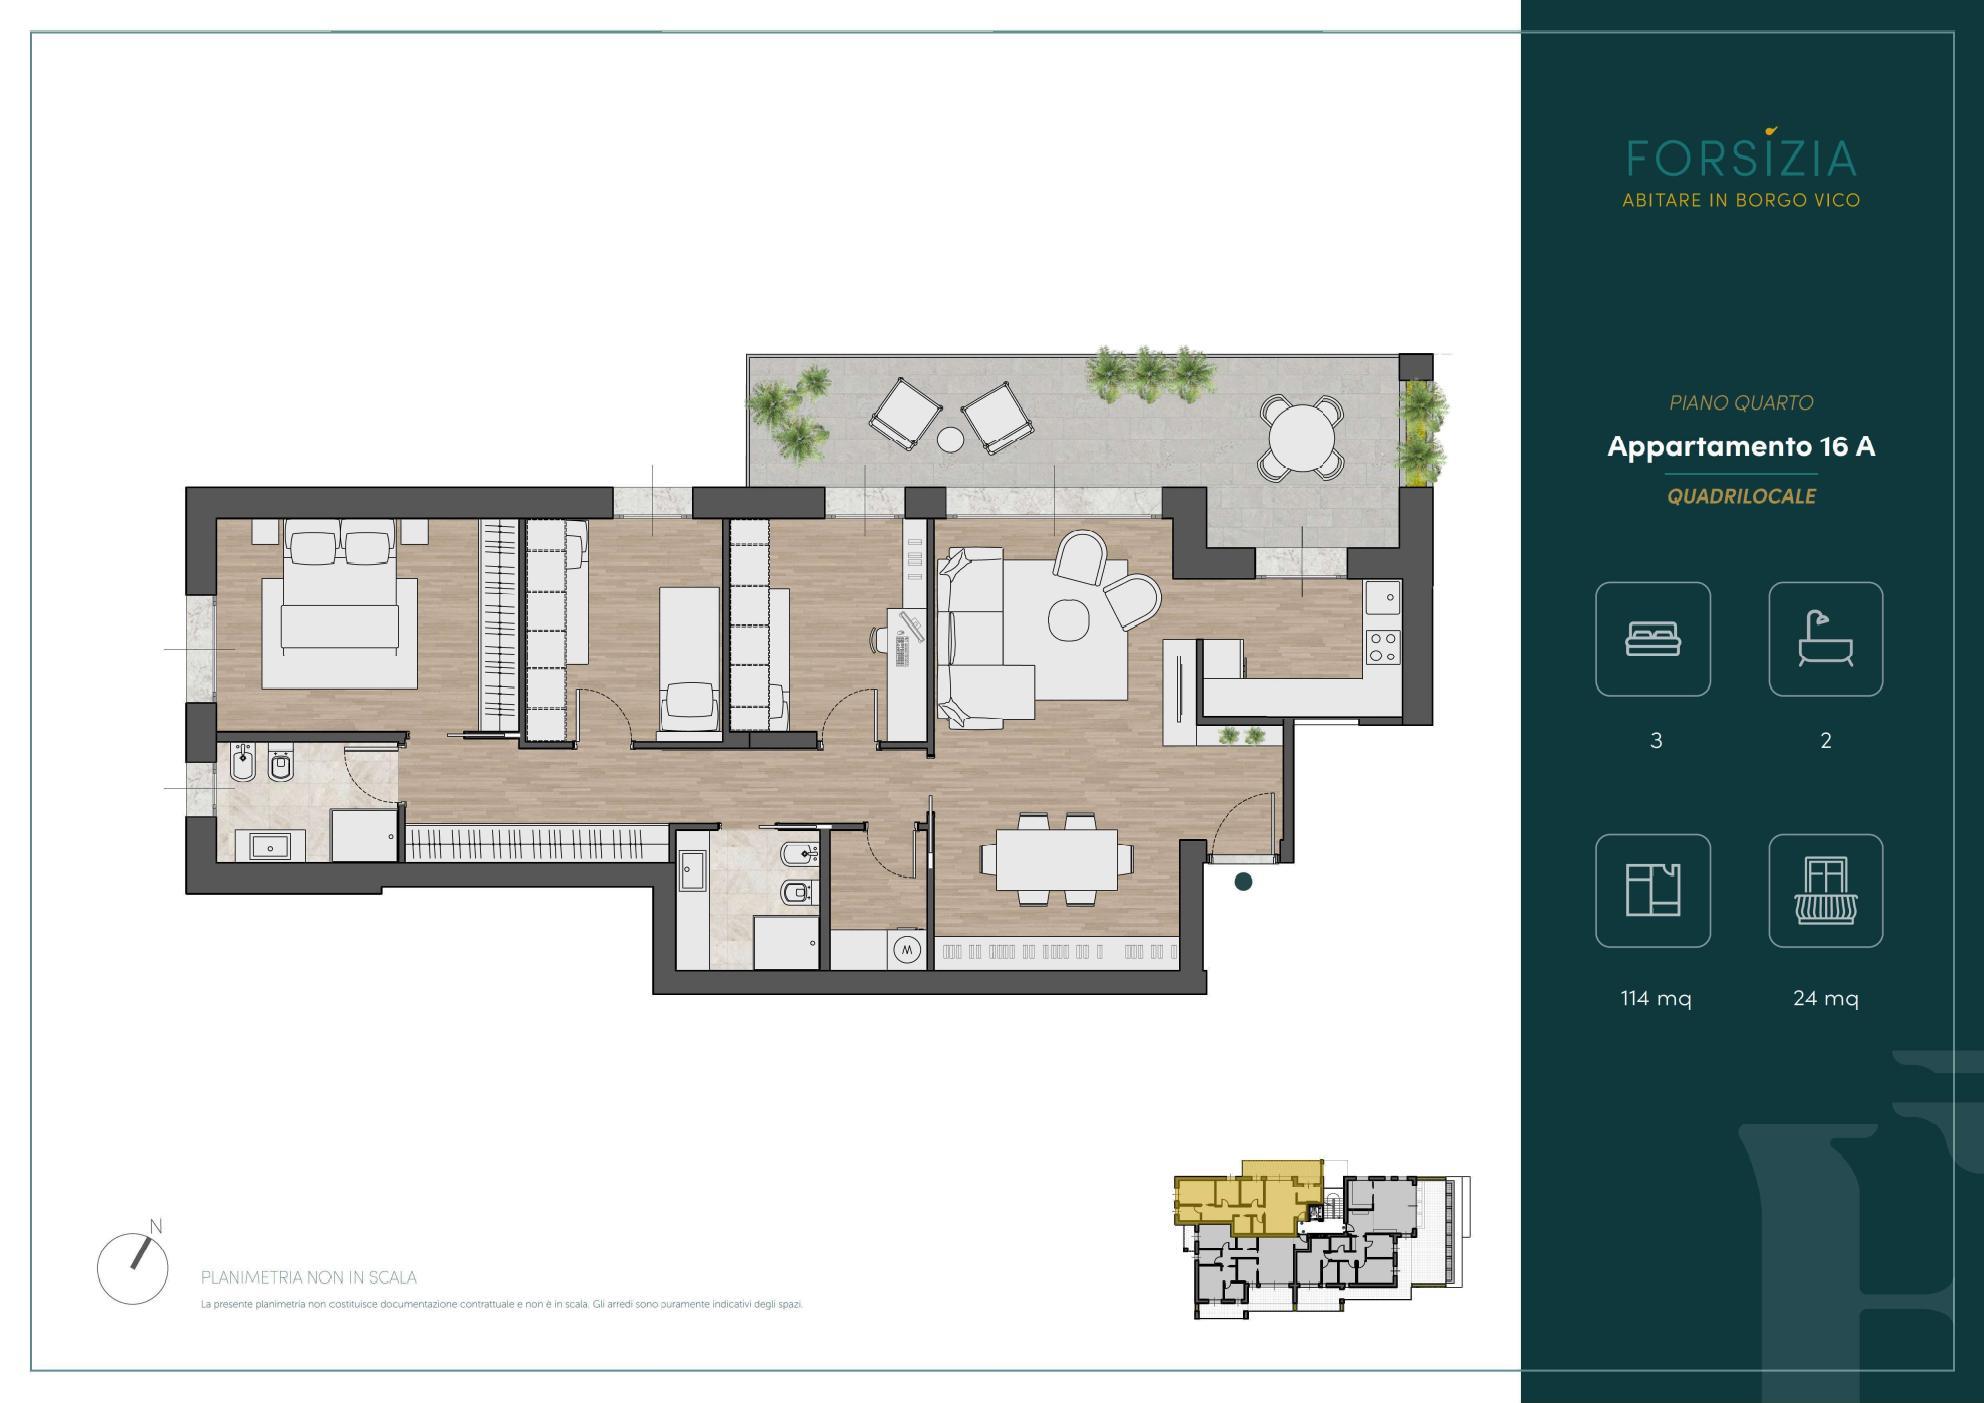 PIANO QUARTO - Quadrilocale 16A - Sup. Comm. 135 mq - 510.000 €